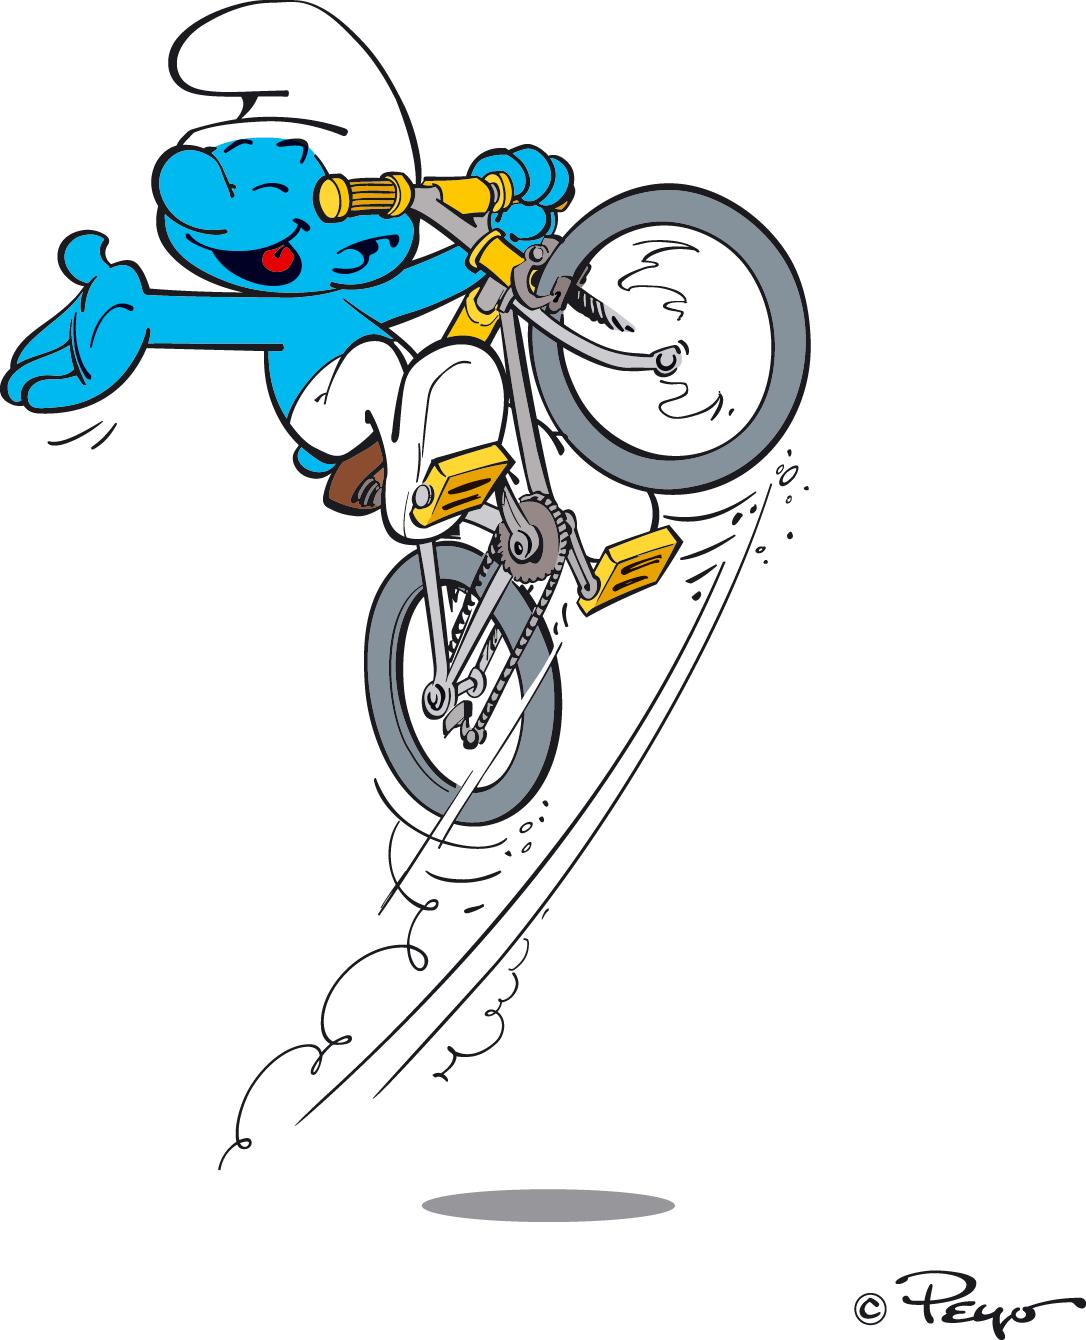 """Résultat de recherche d'images pour """"schtroumpf sur un vélo"""""""